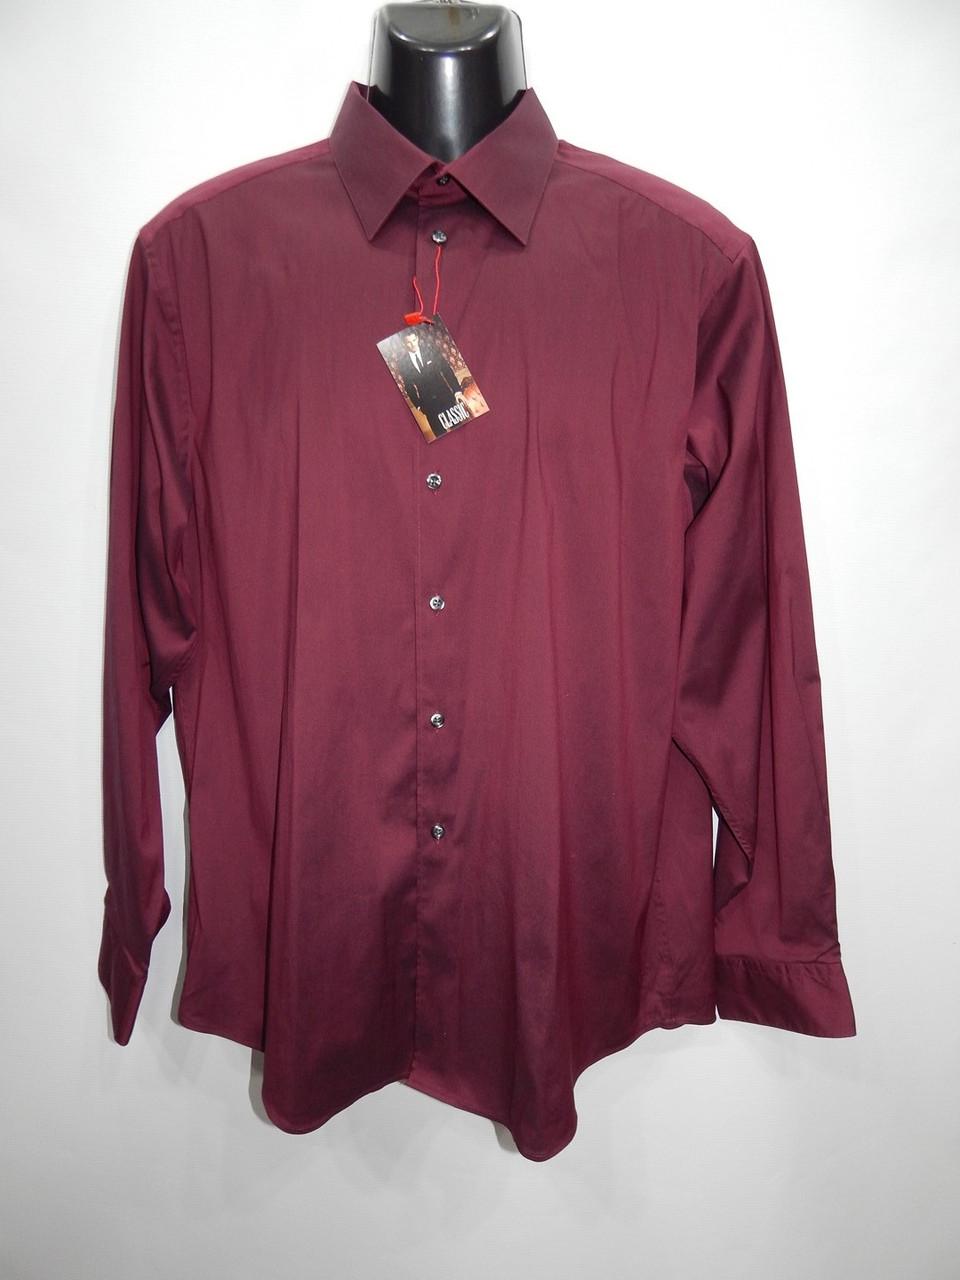 Мужская классическая рубашка с длинным рукавом ML р.50 161ДР